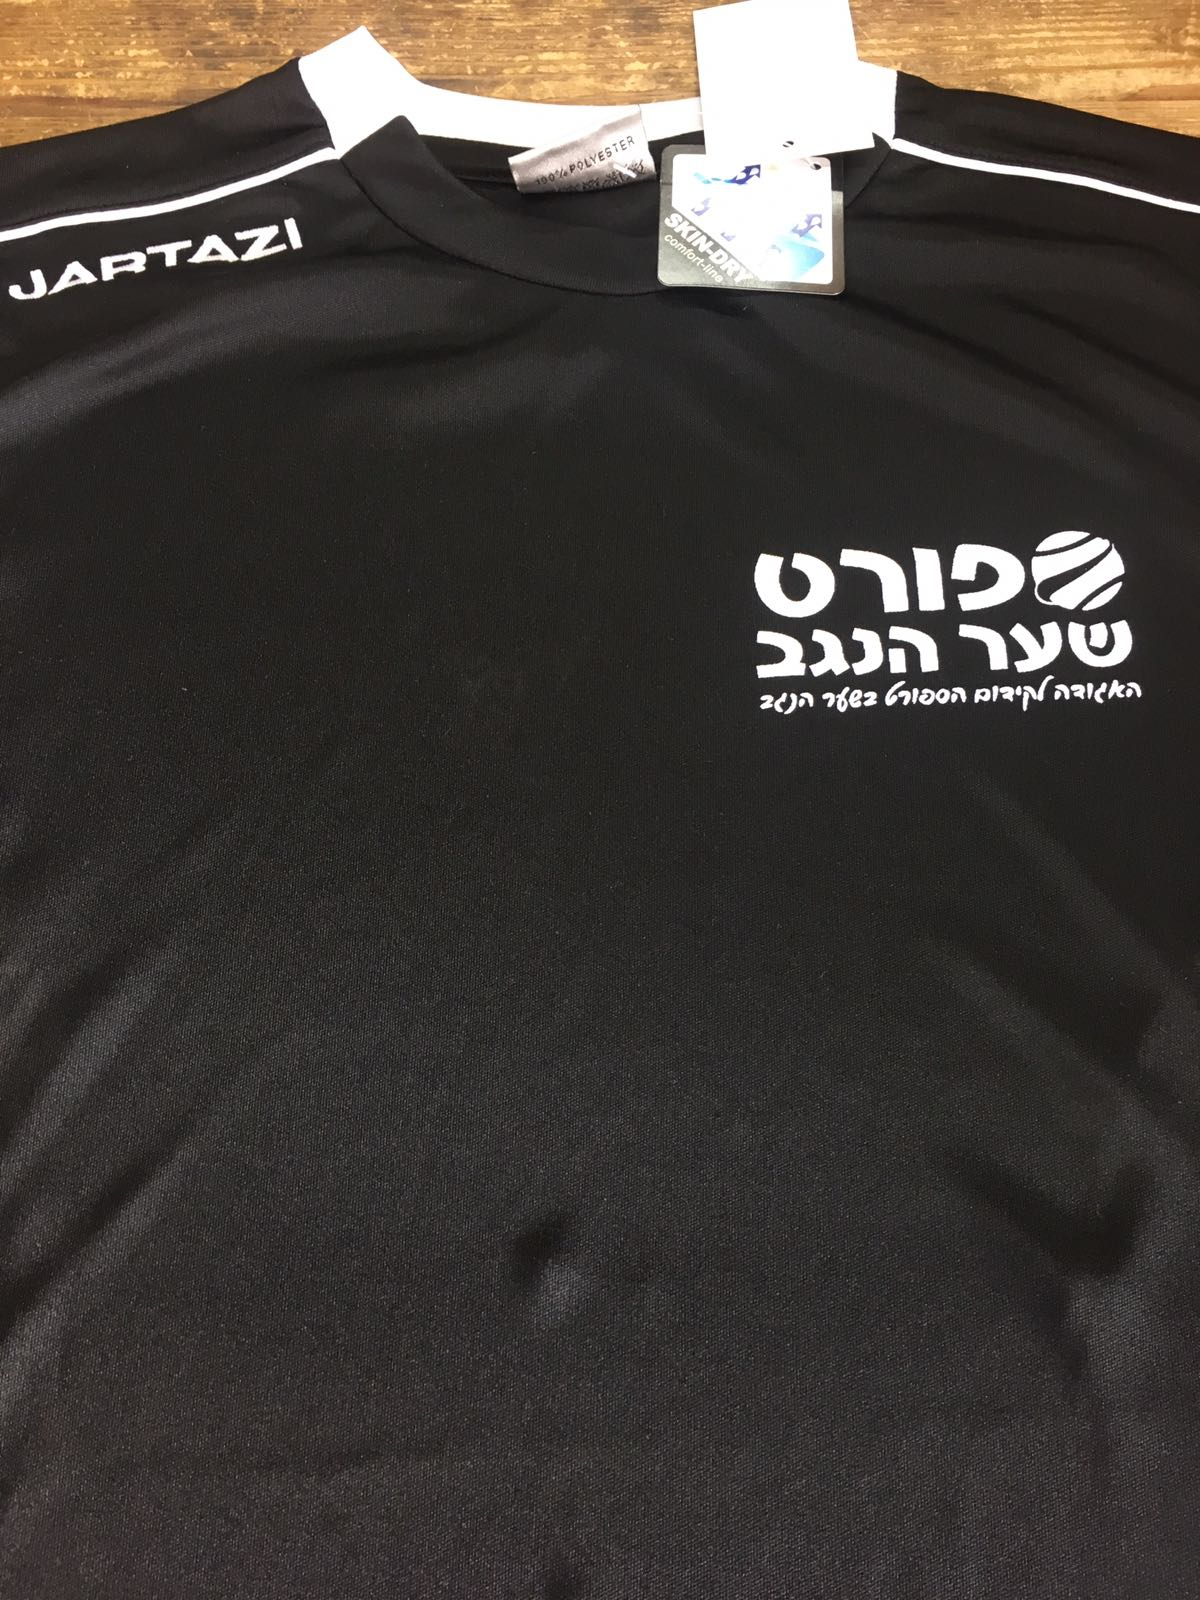 חולצה מודפסת ספורט שער הנגב